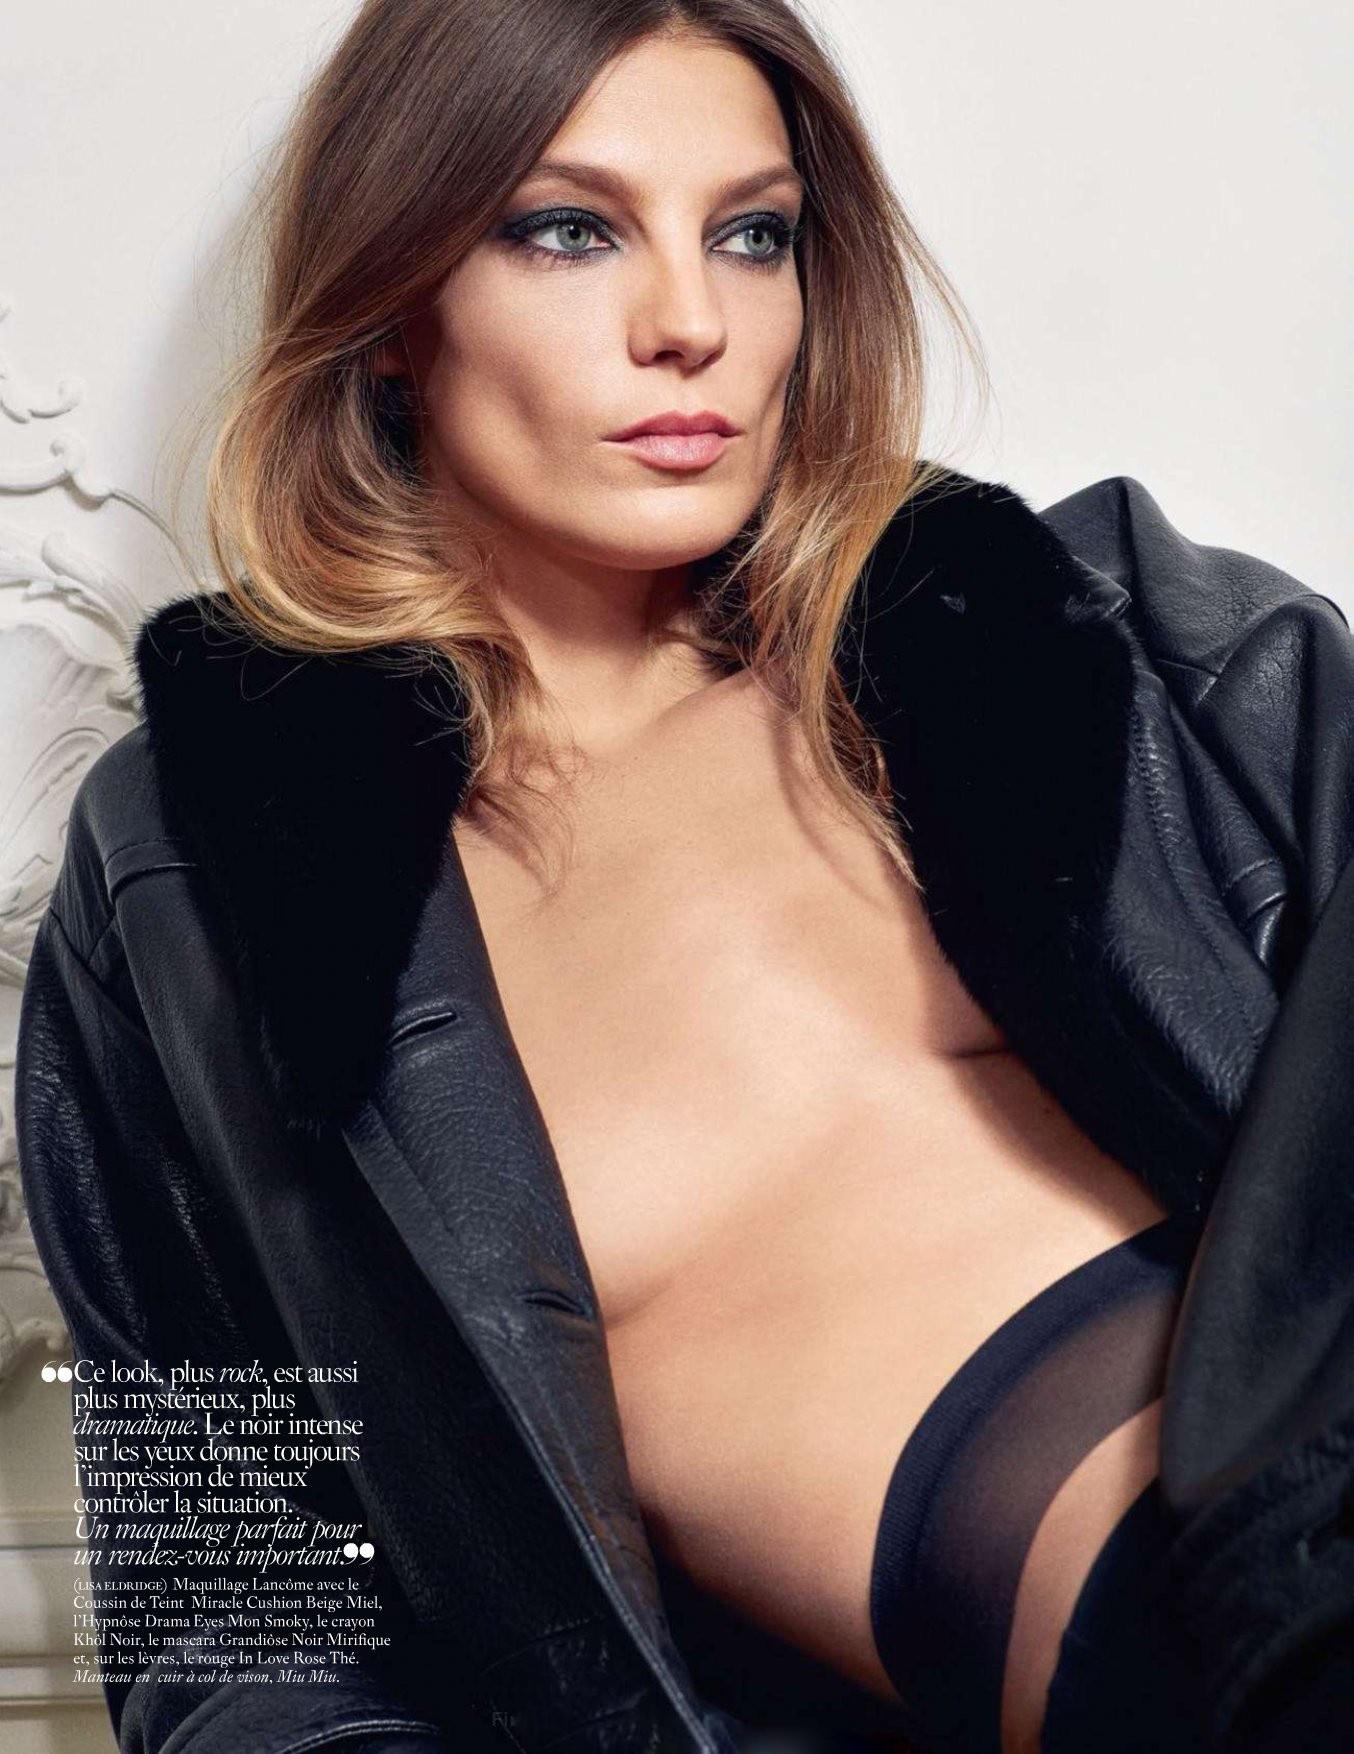 Daria Werbowy Height Img Models Daria Werbowy